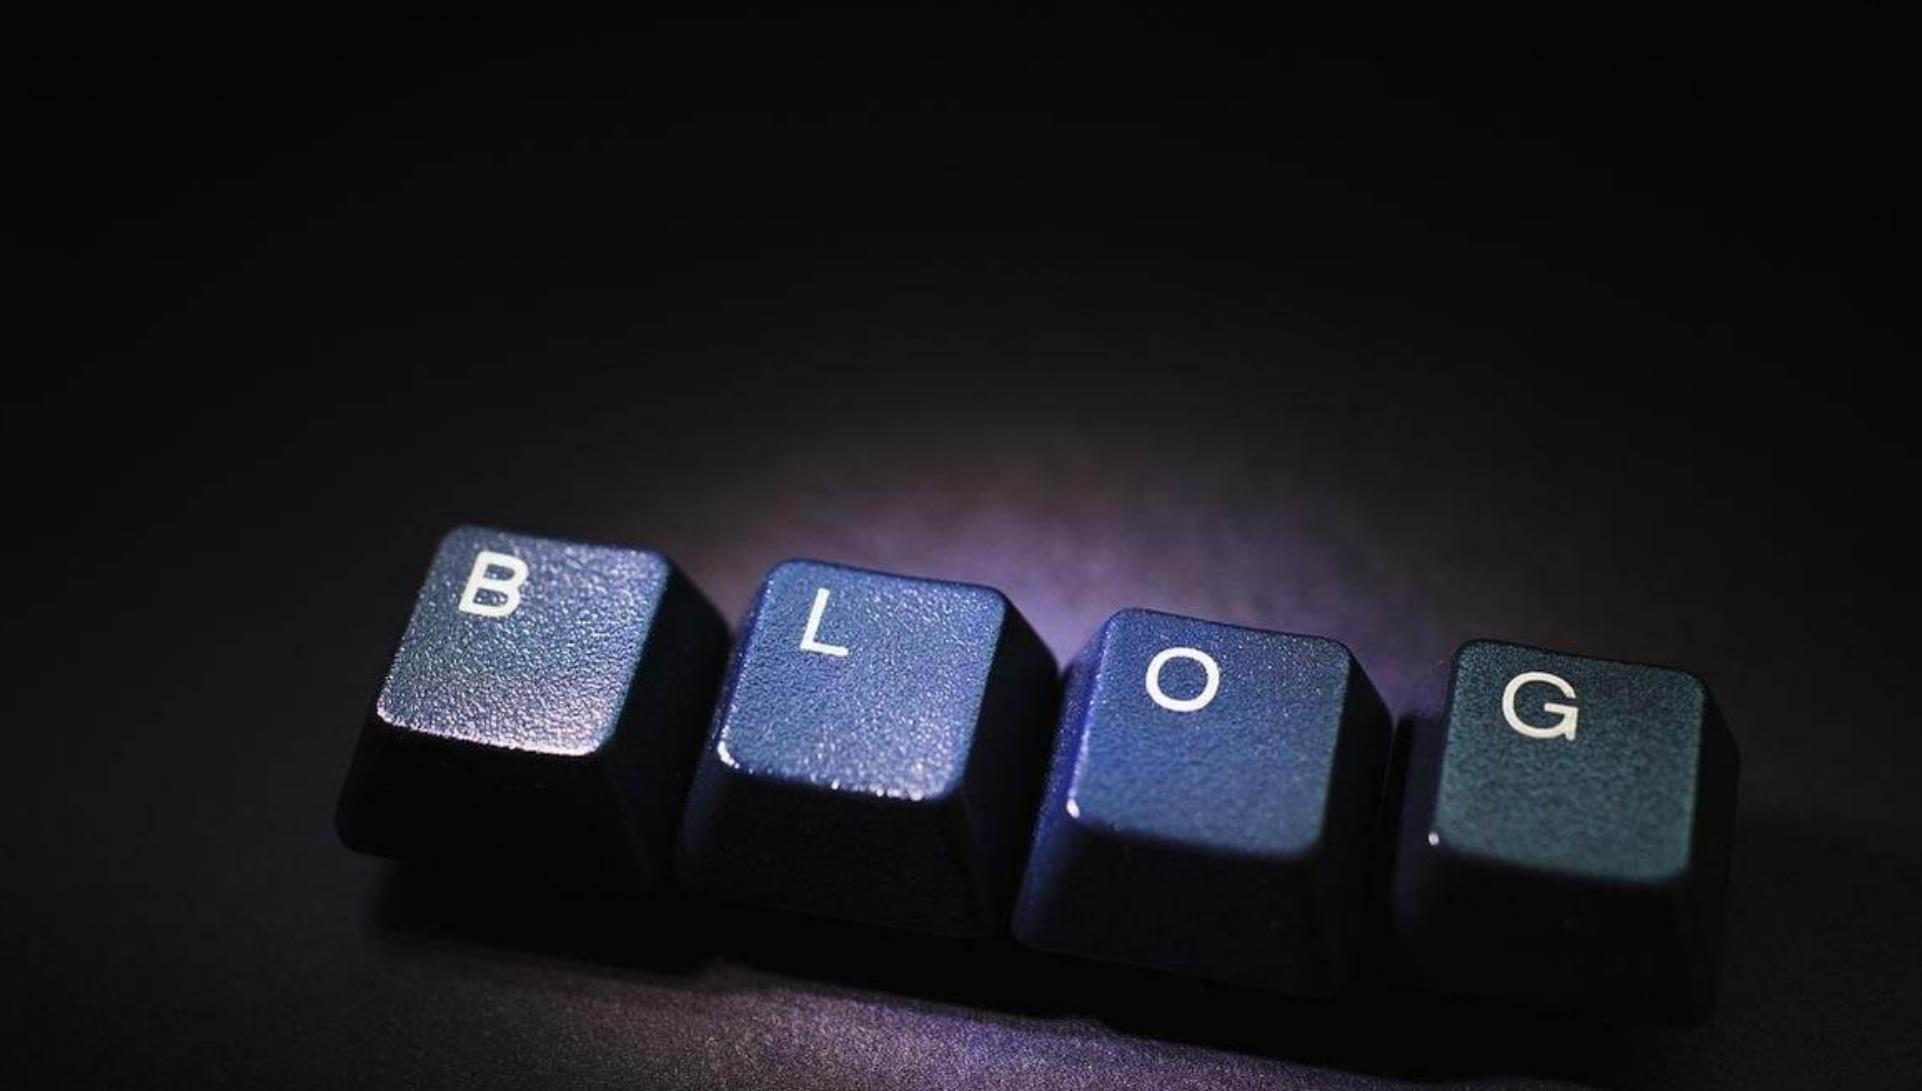 写博客工具 分享几款实用的博客写作工具